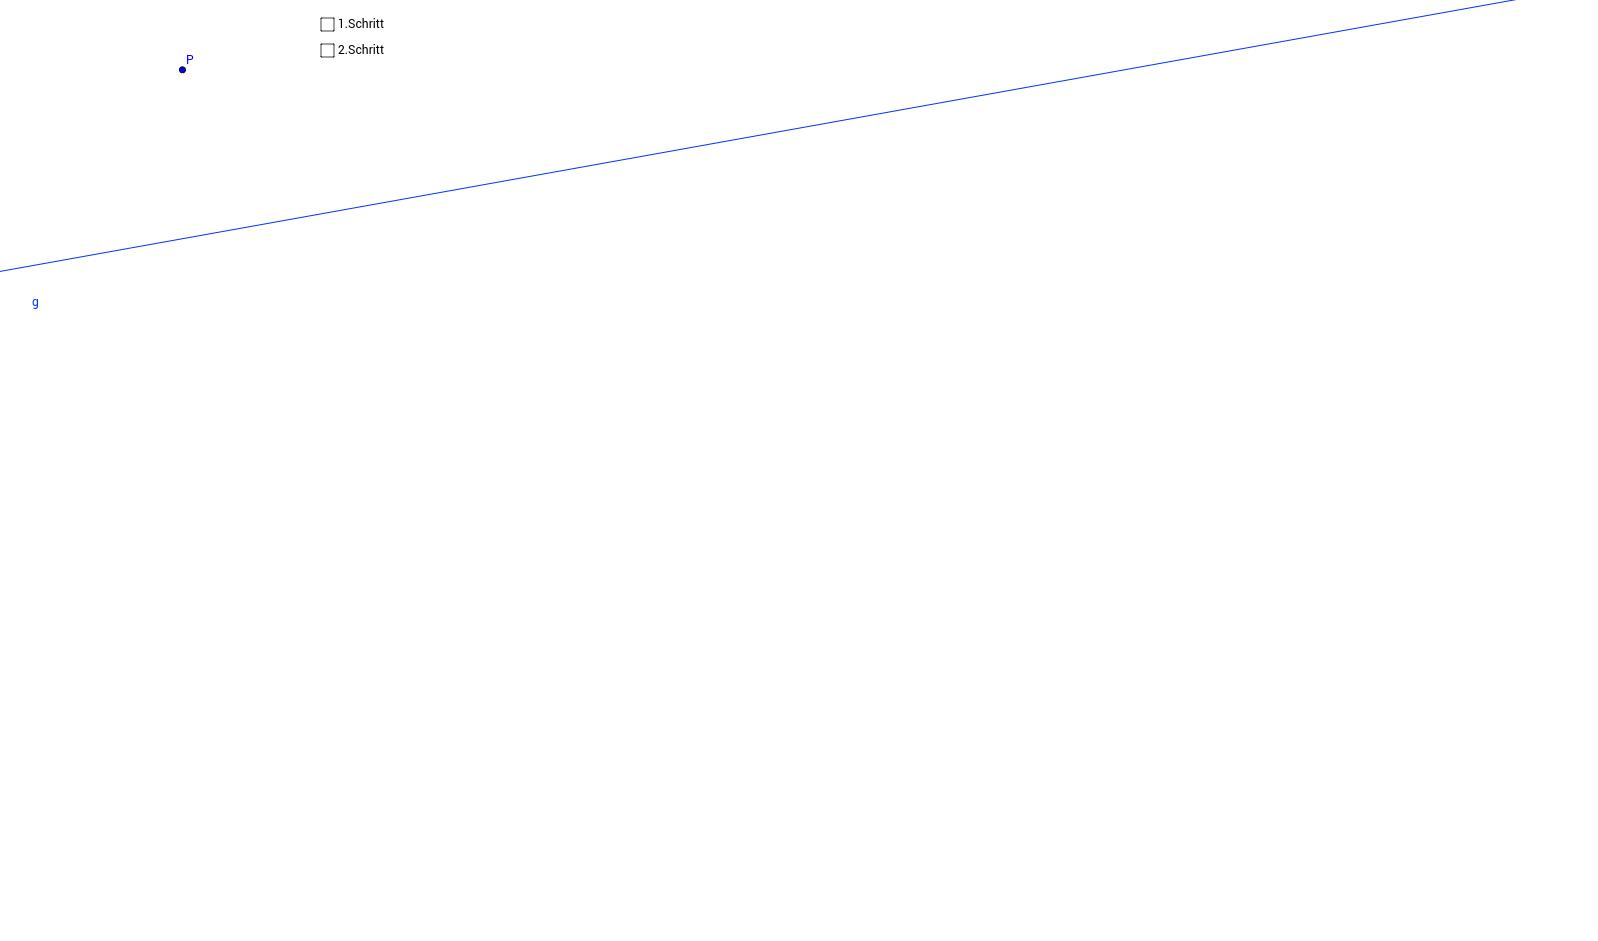 Senkrechte auf eine Gerade durch einen Punkt konstruieren